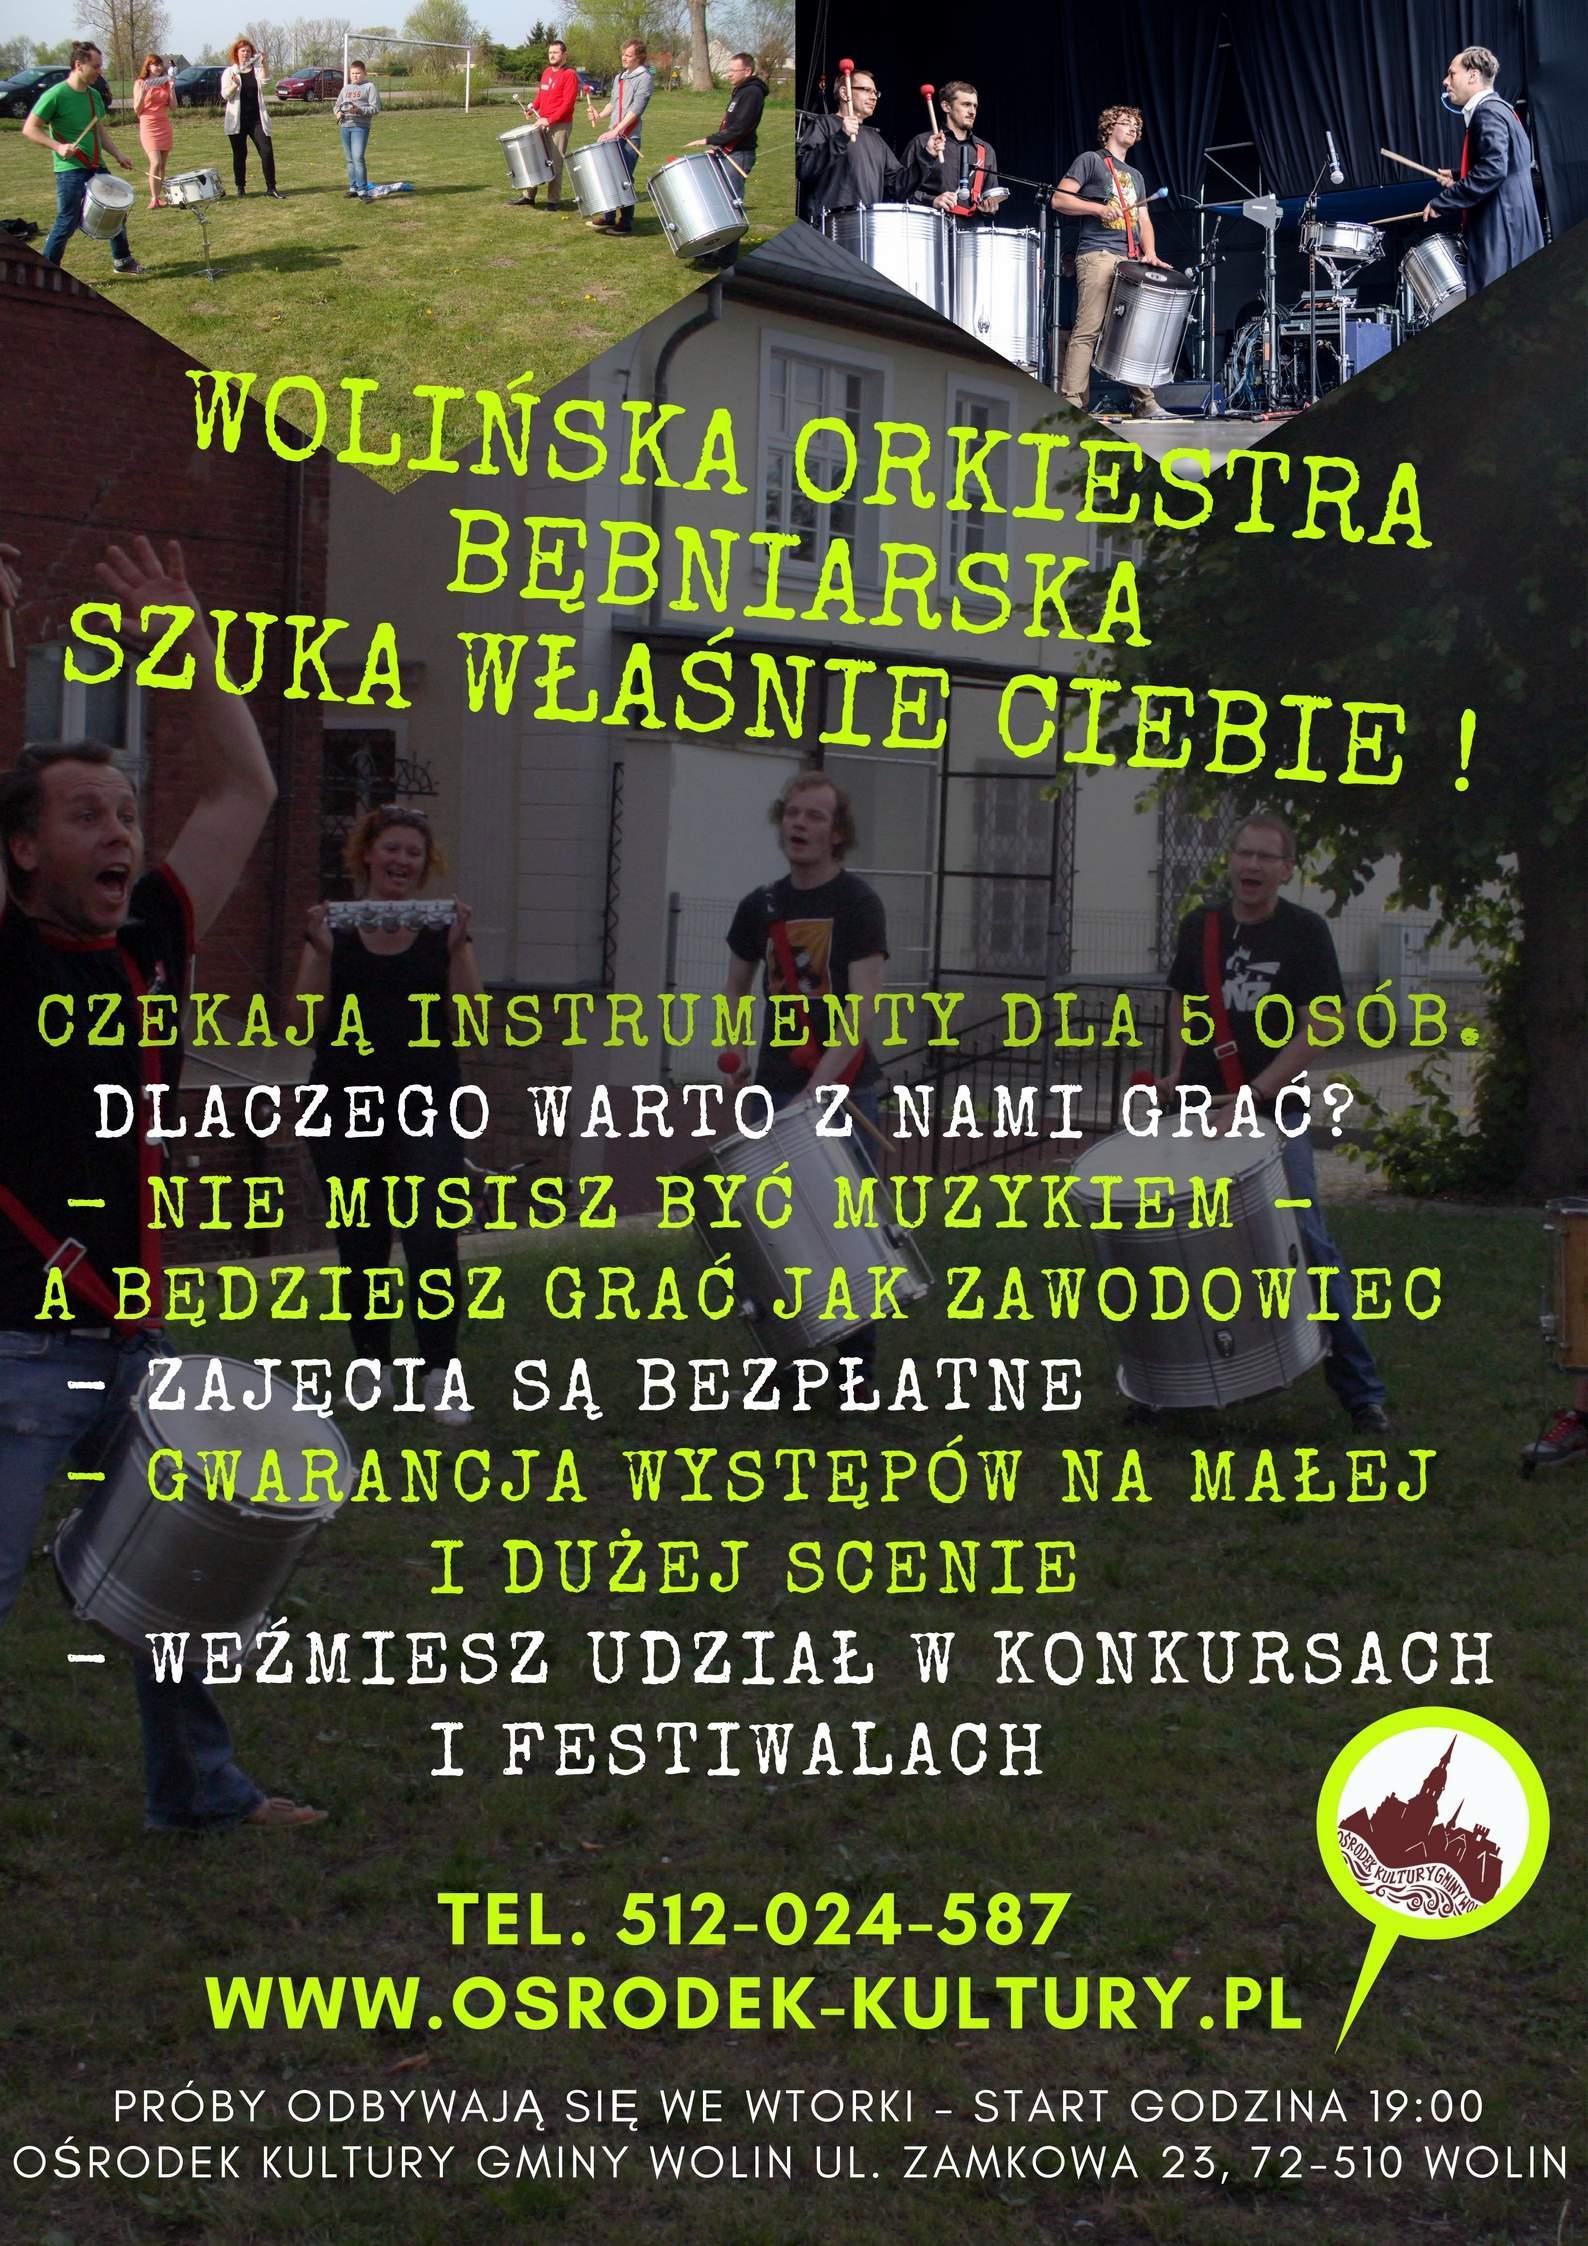 Wolińska Orkiestra Bębniarska szuka właśnie ciebie !